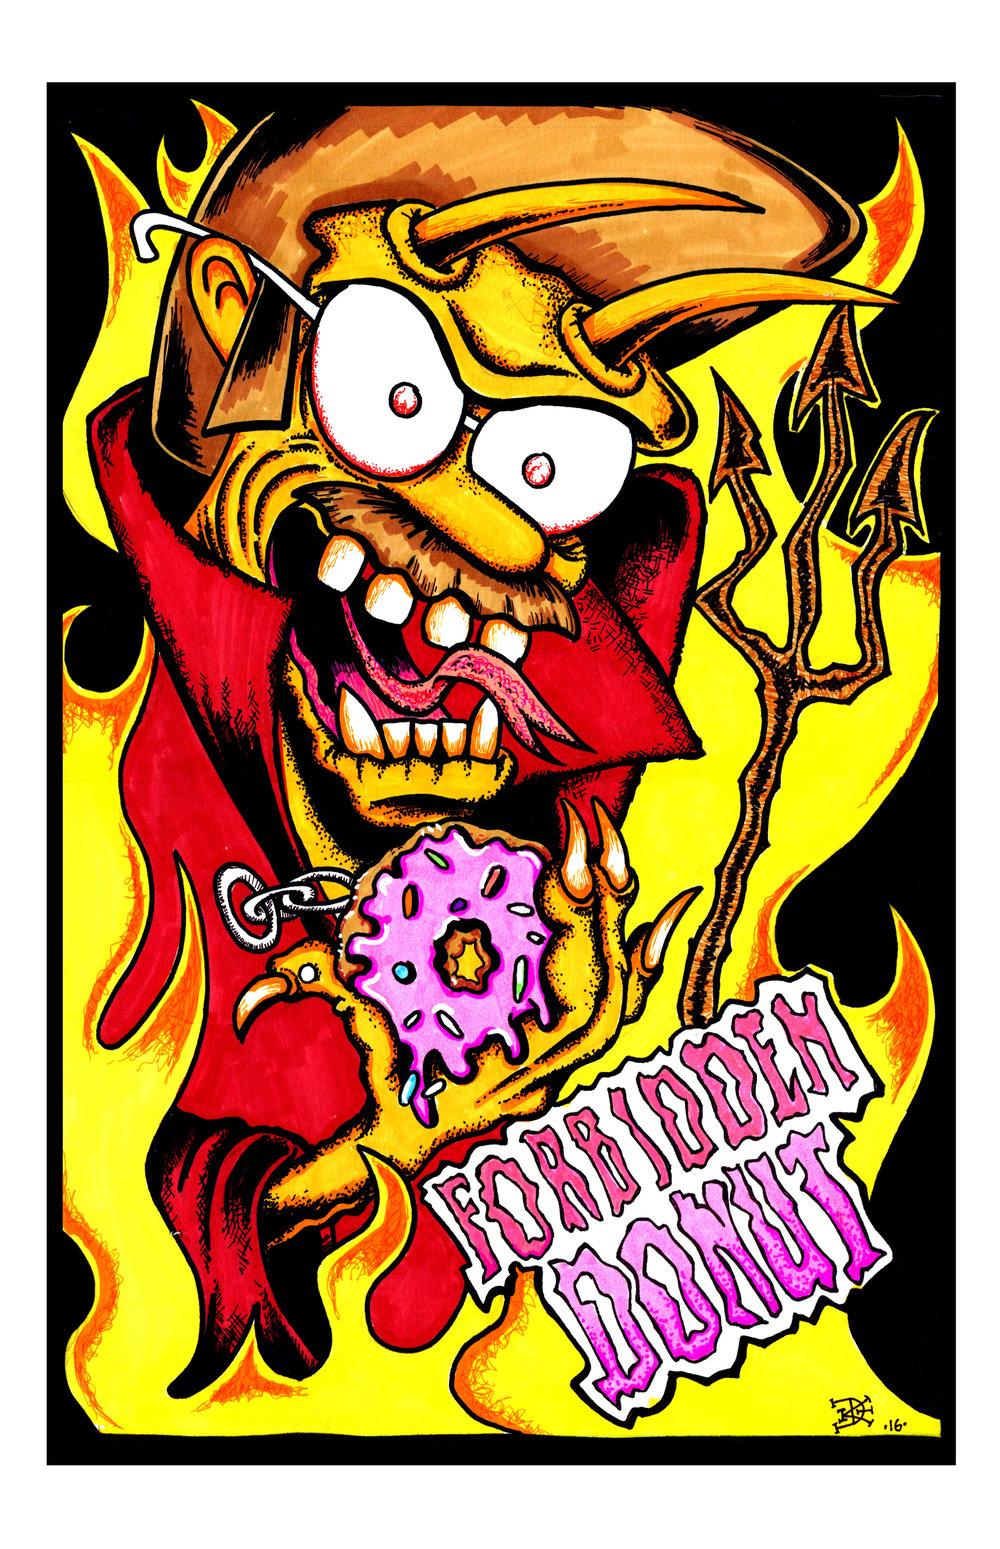 DevilFlanders-11x17.jpg